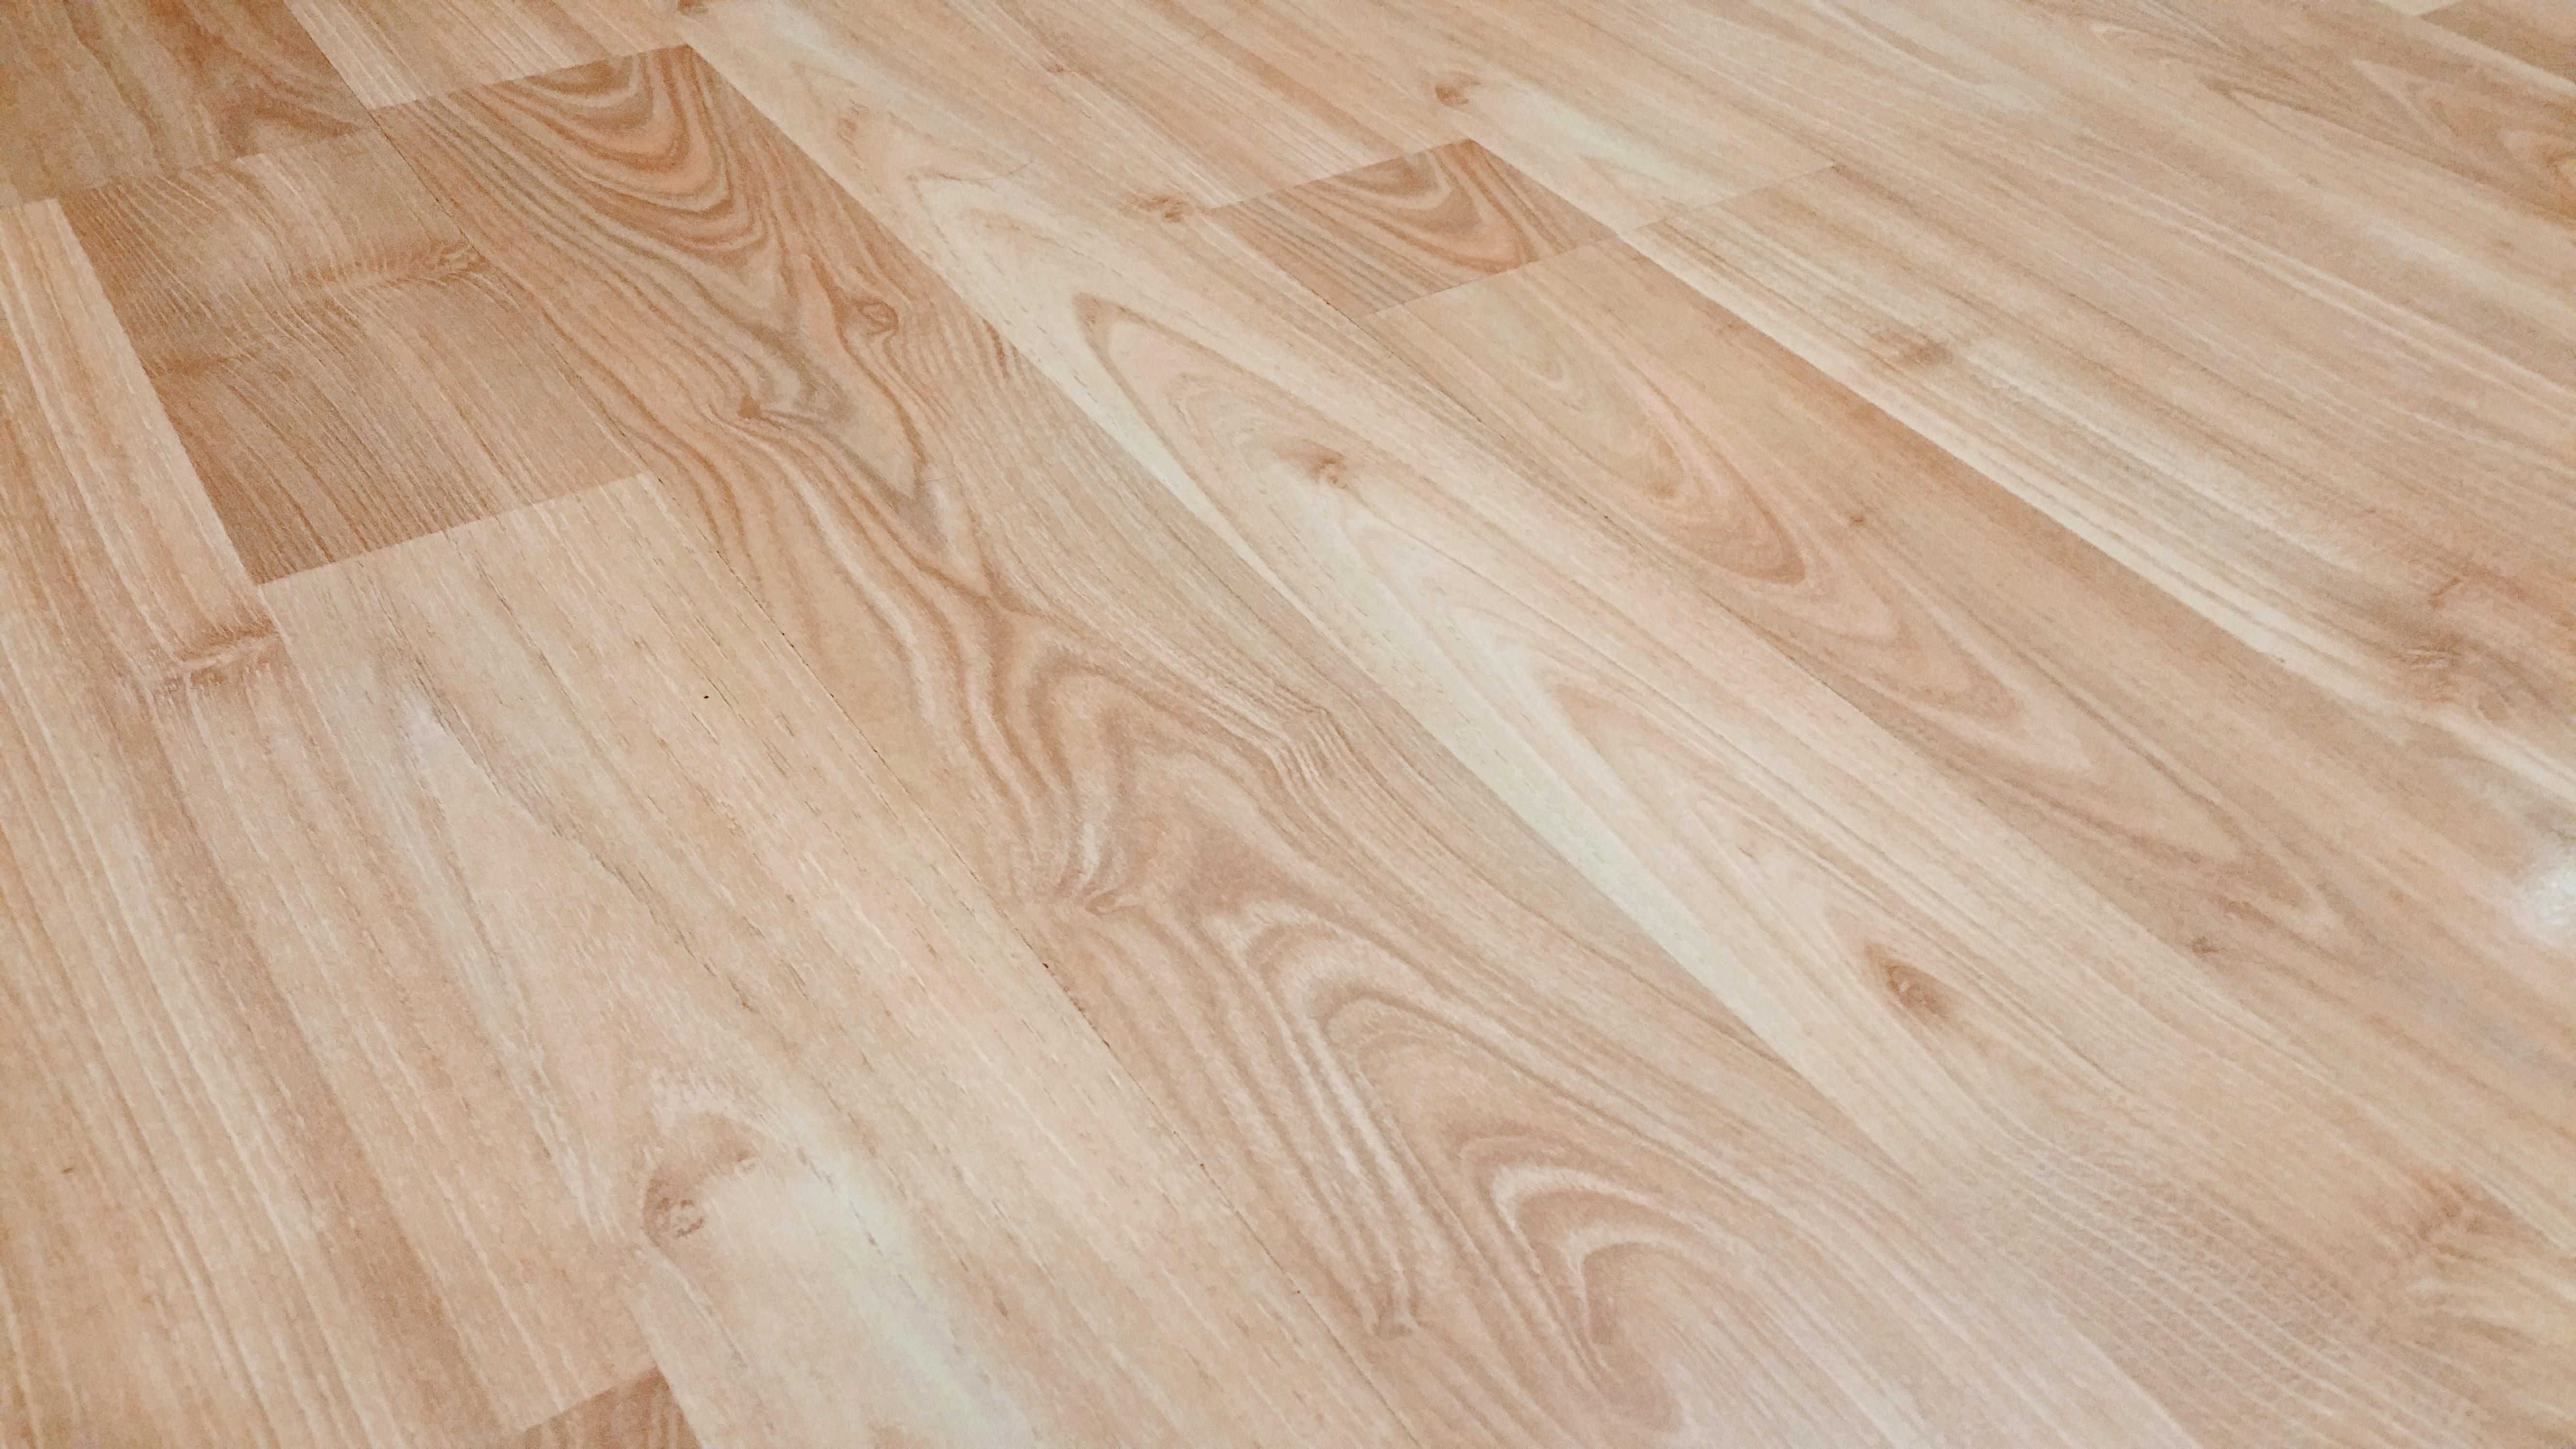 floor wood free stock photo of texture, brown, wooden, floor ZCLADFF